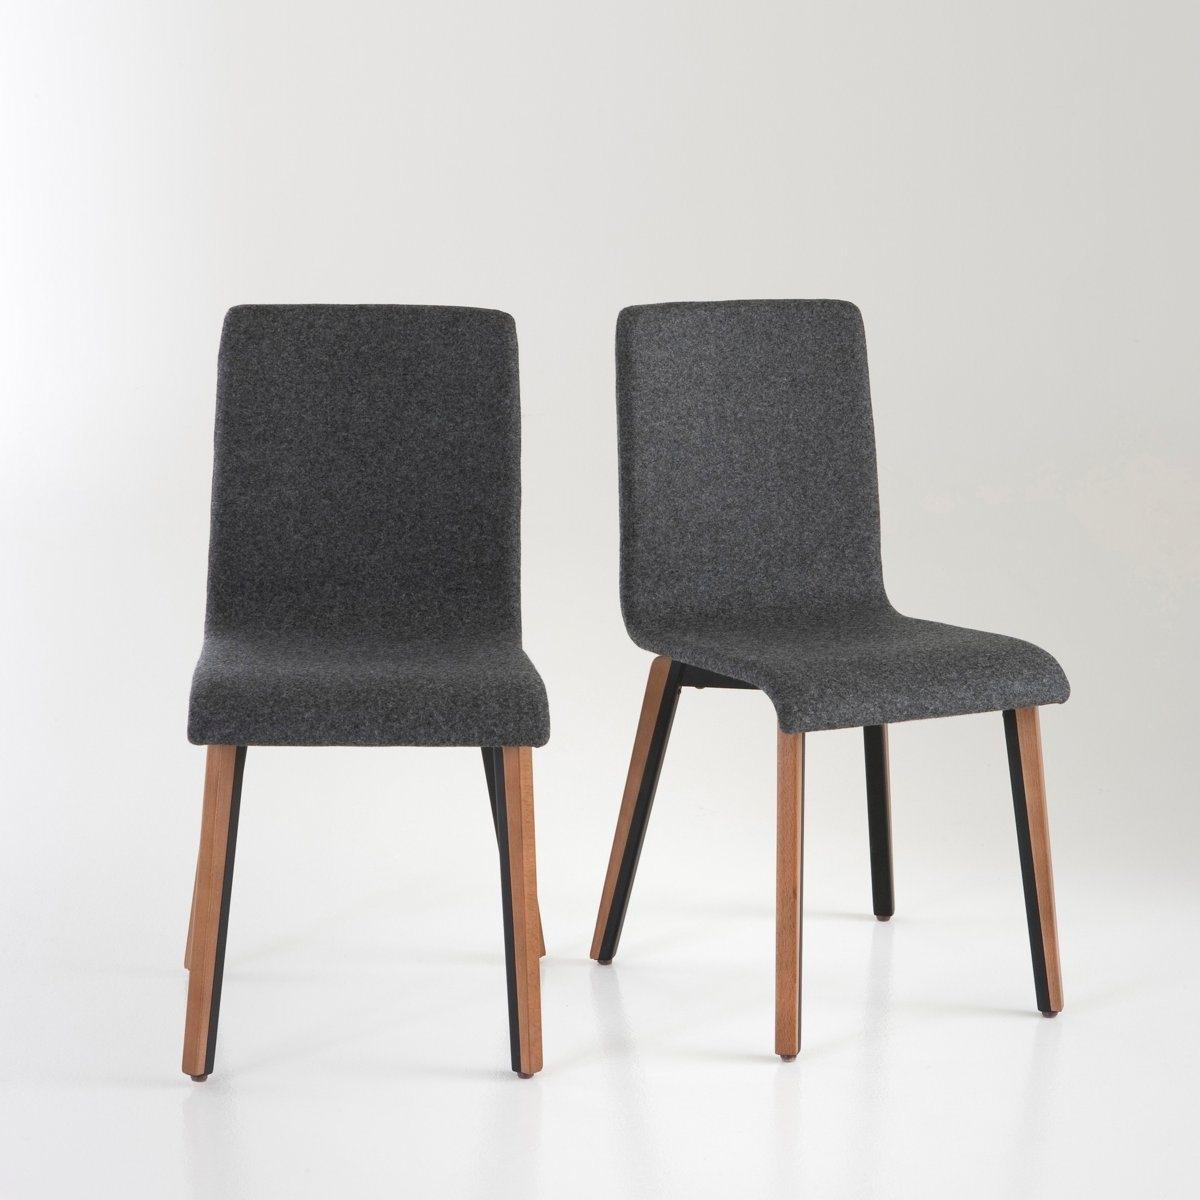 2 стула с войлочной обивкой Joan